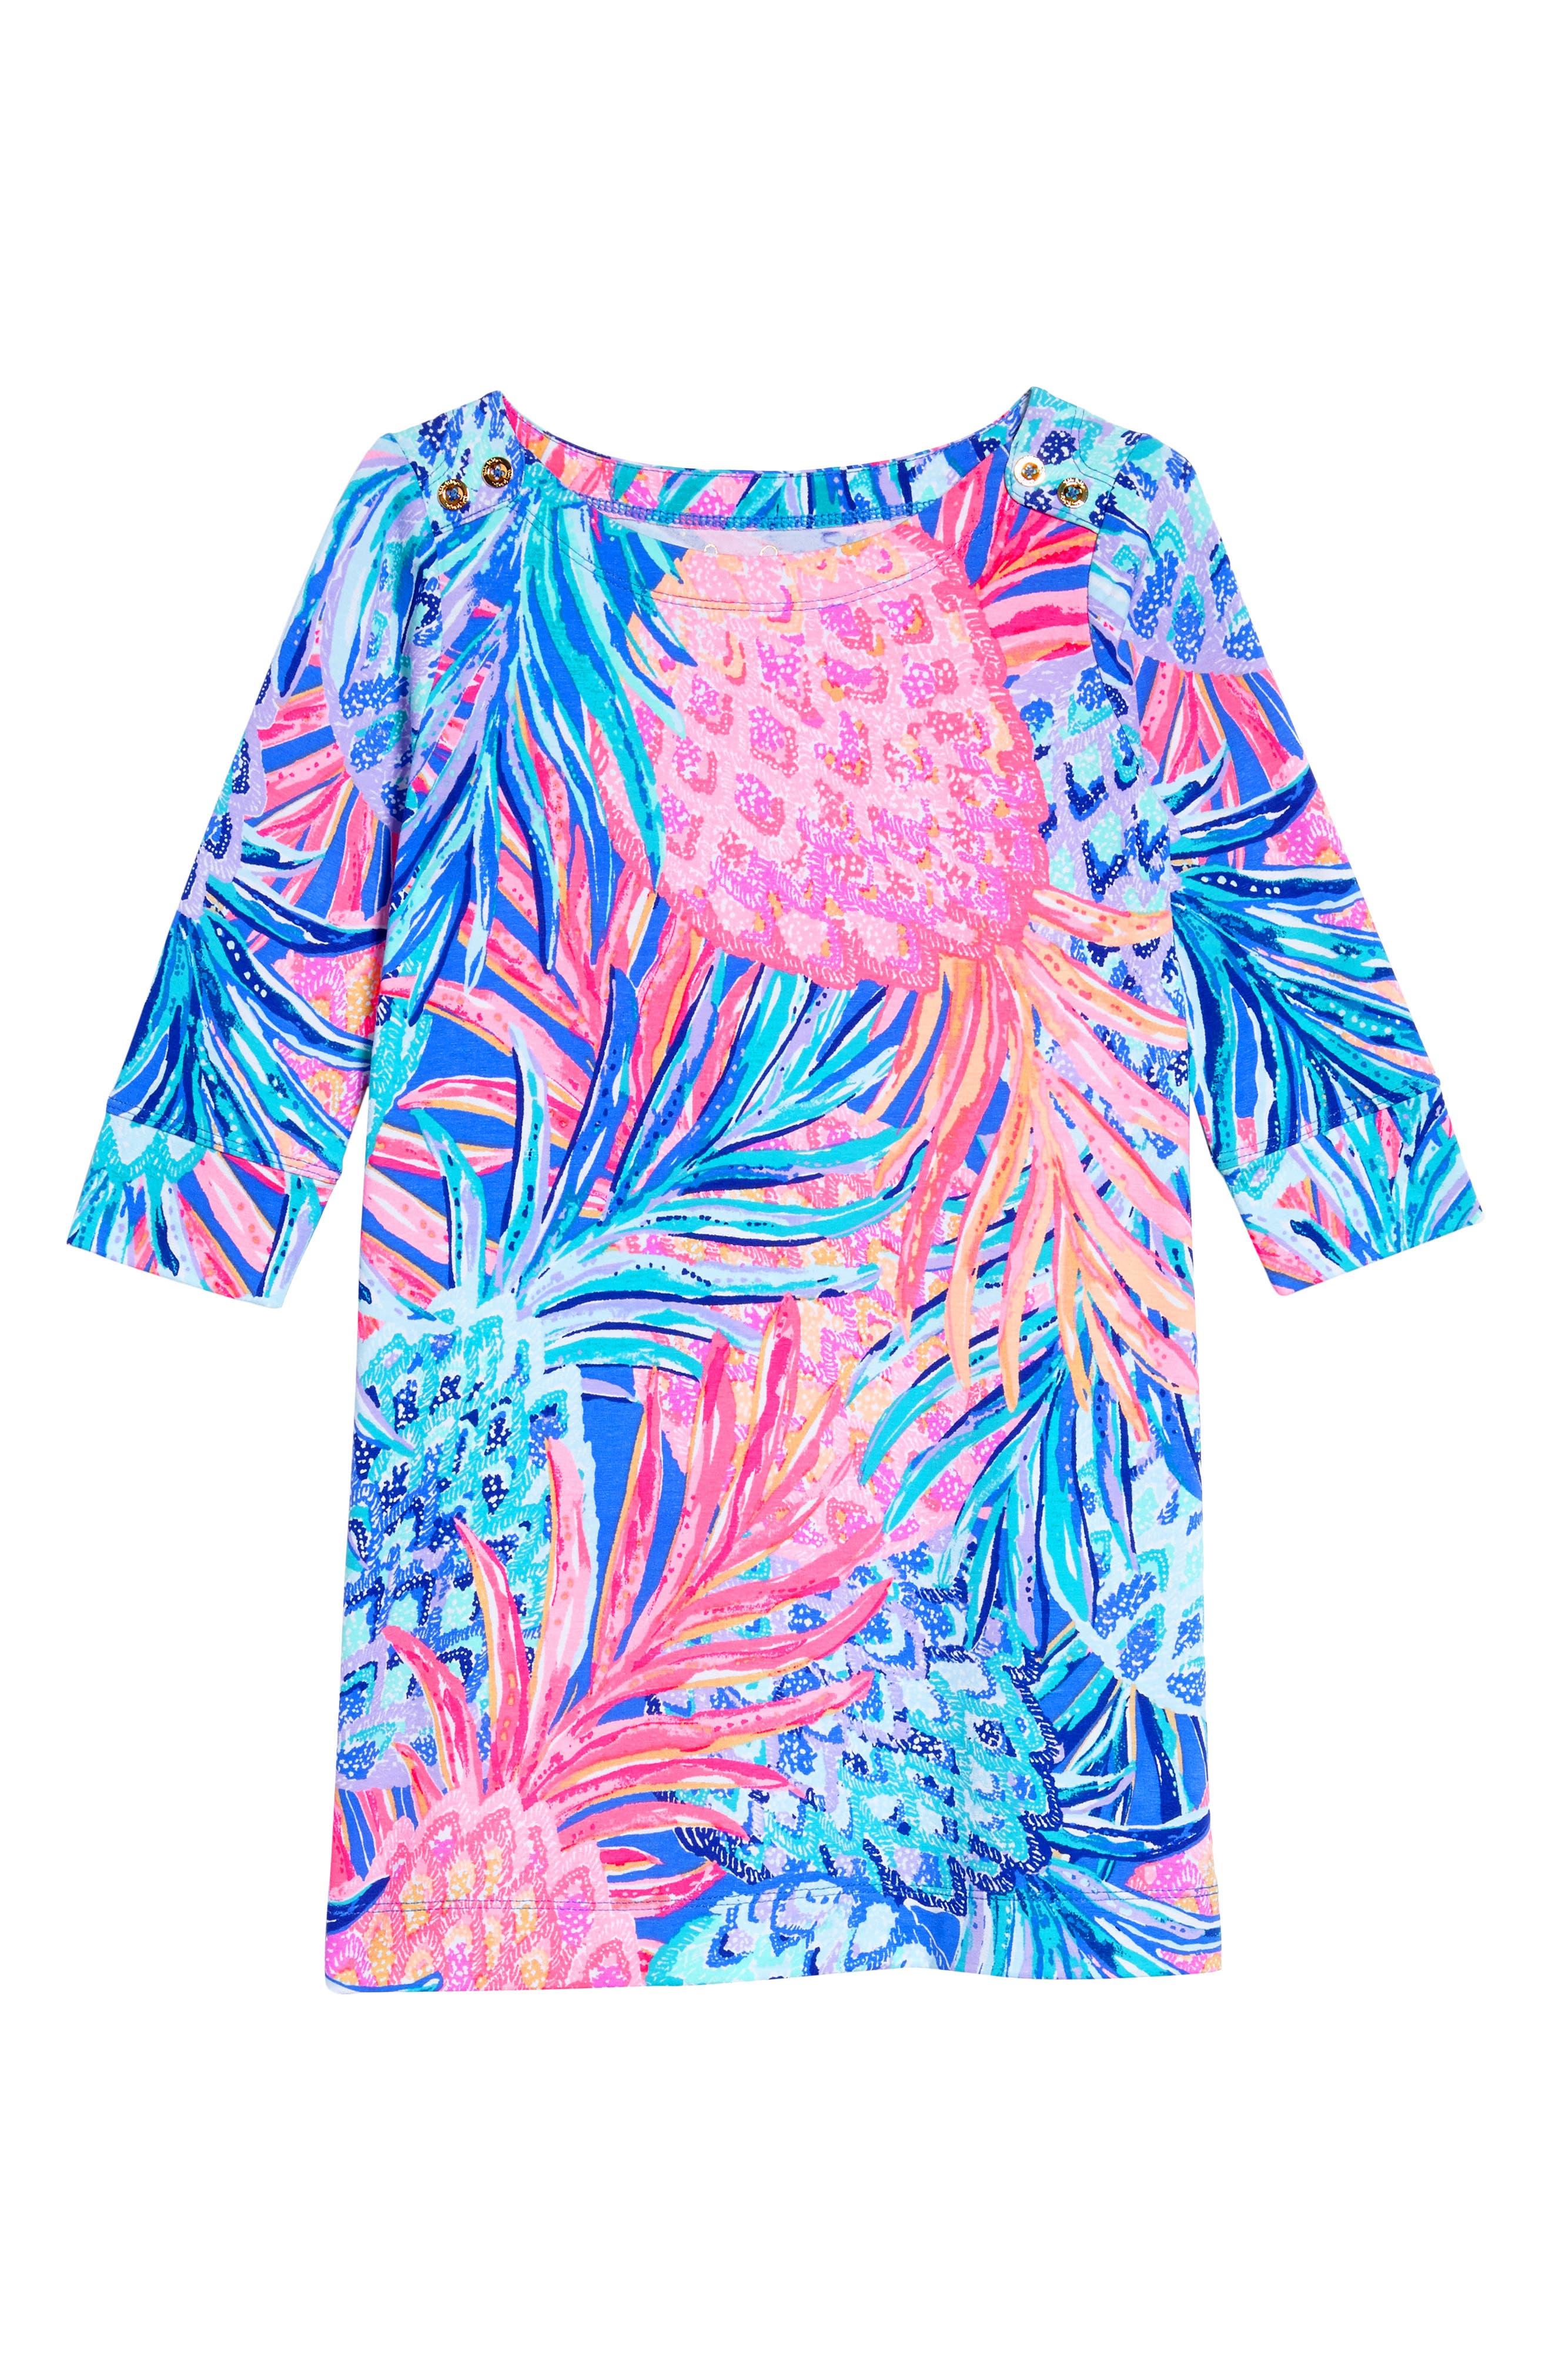 Mini Sophie UPF 50+ Dress,                             Main thumbnail 1, color,                             Multi Gypset Paradise